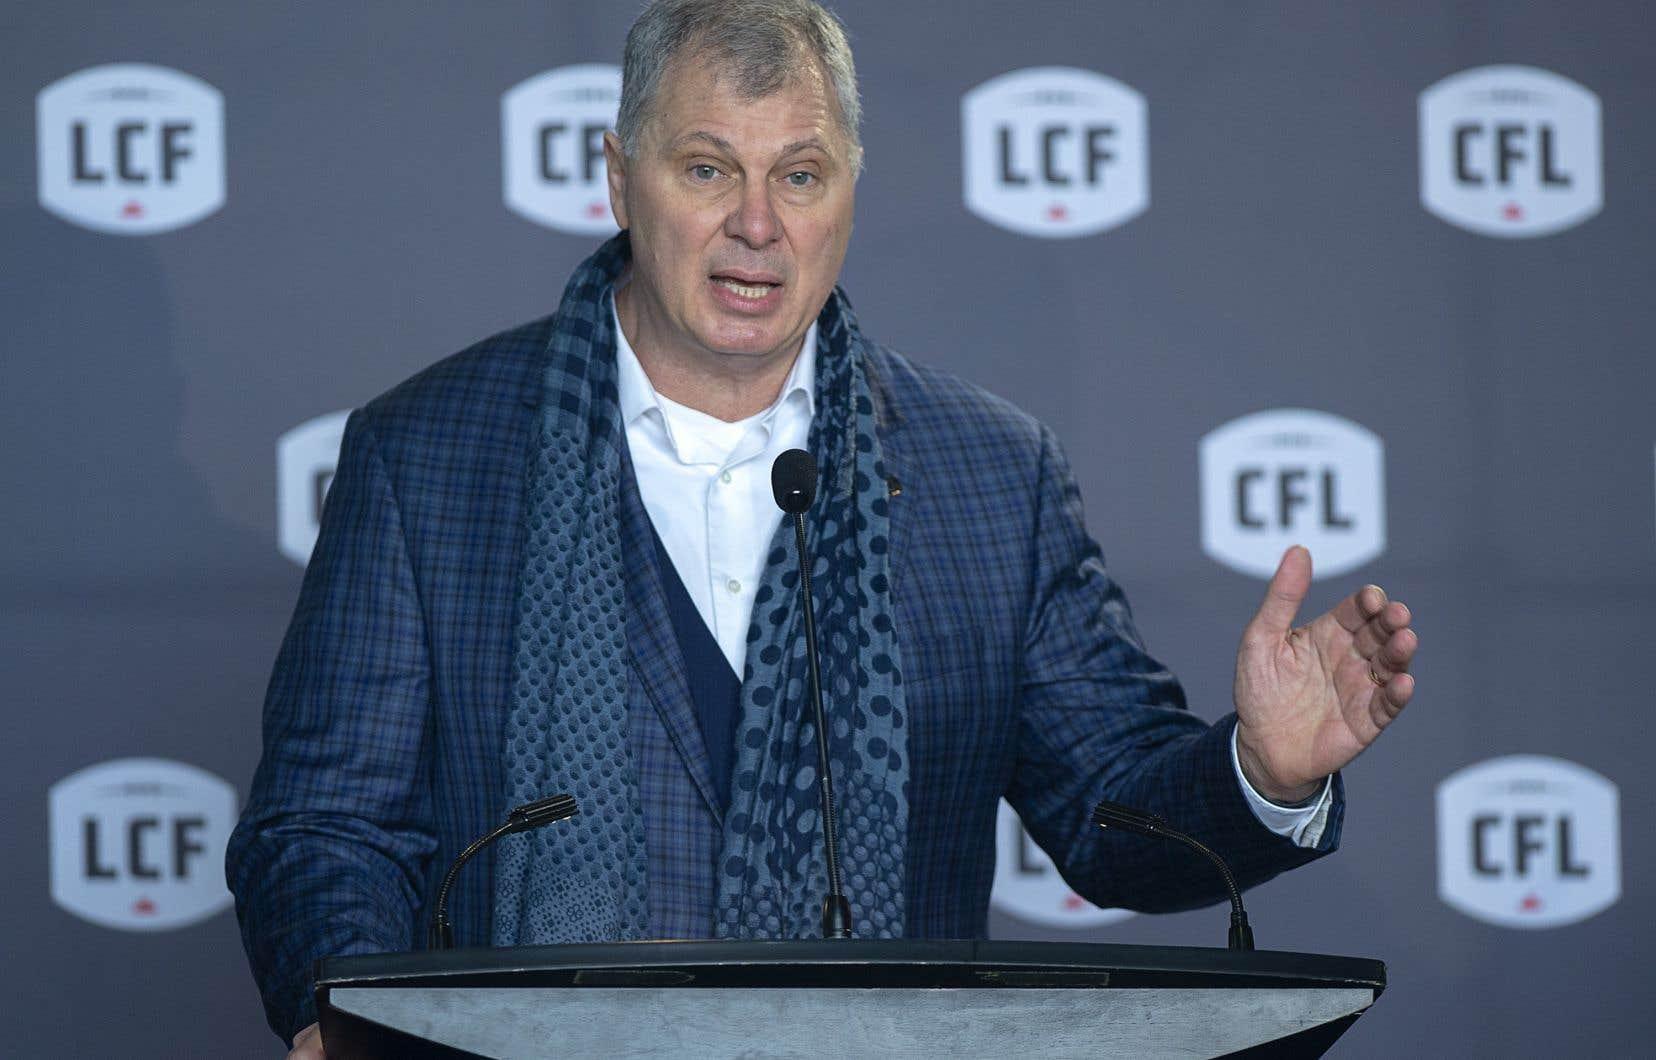 Le commissaire de la LCF, Randy Ambrosie